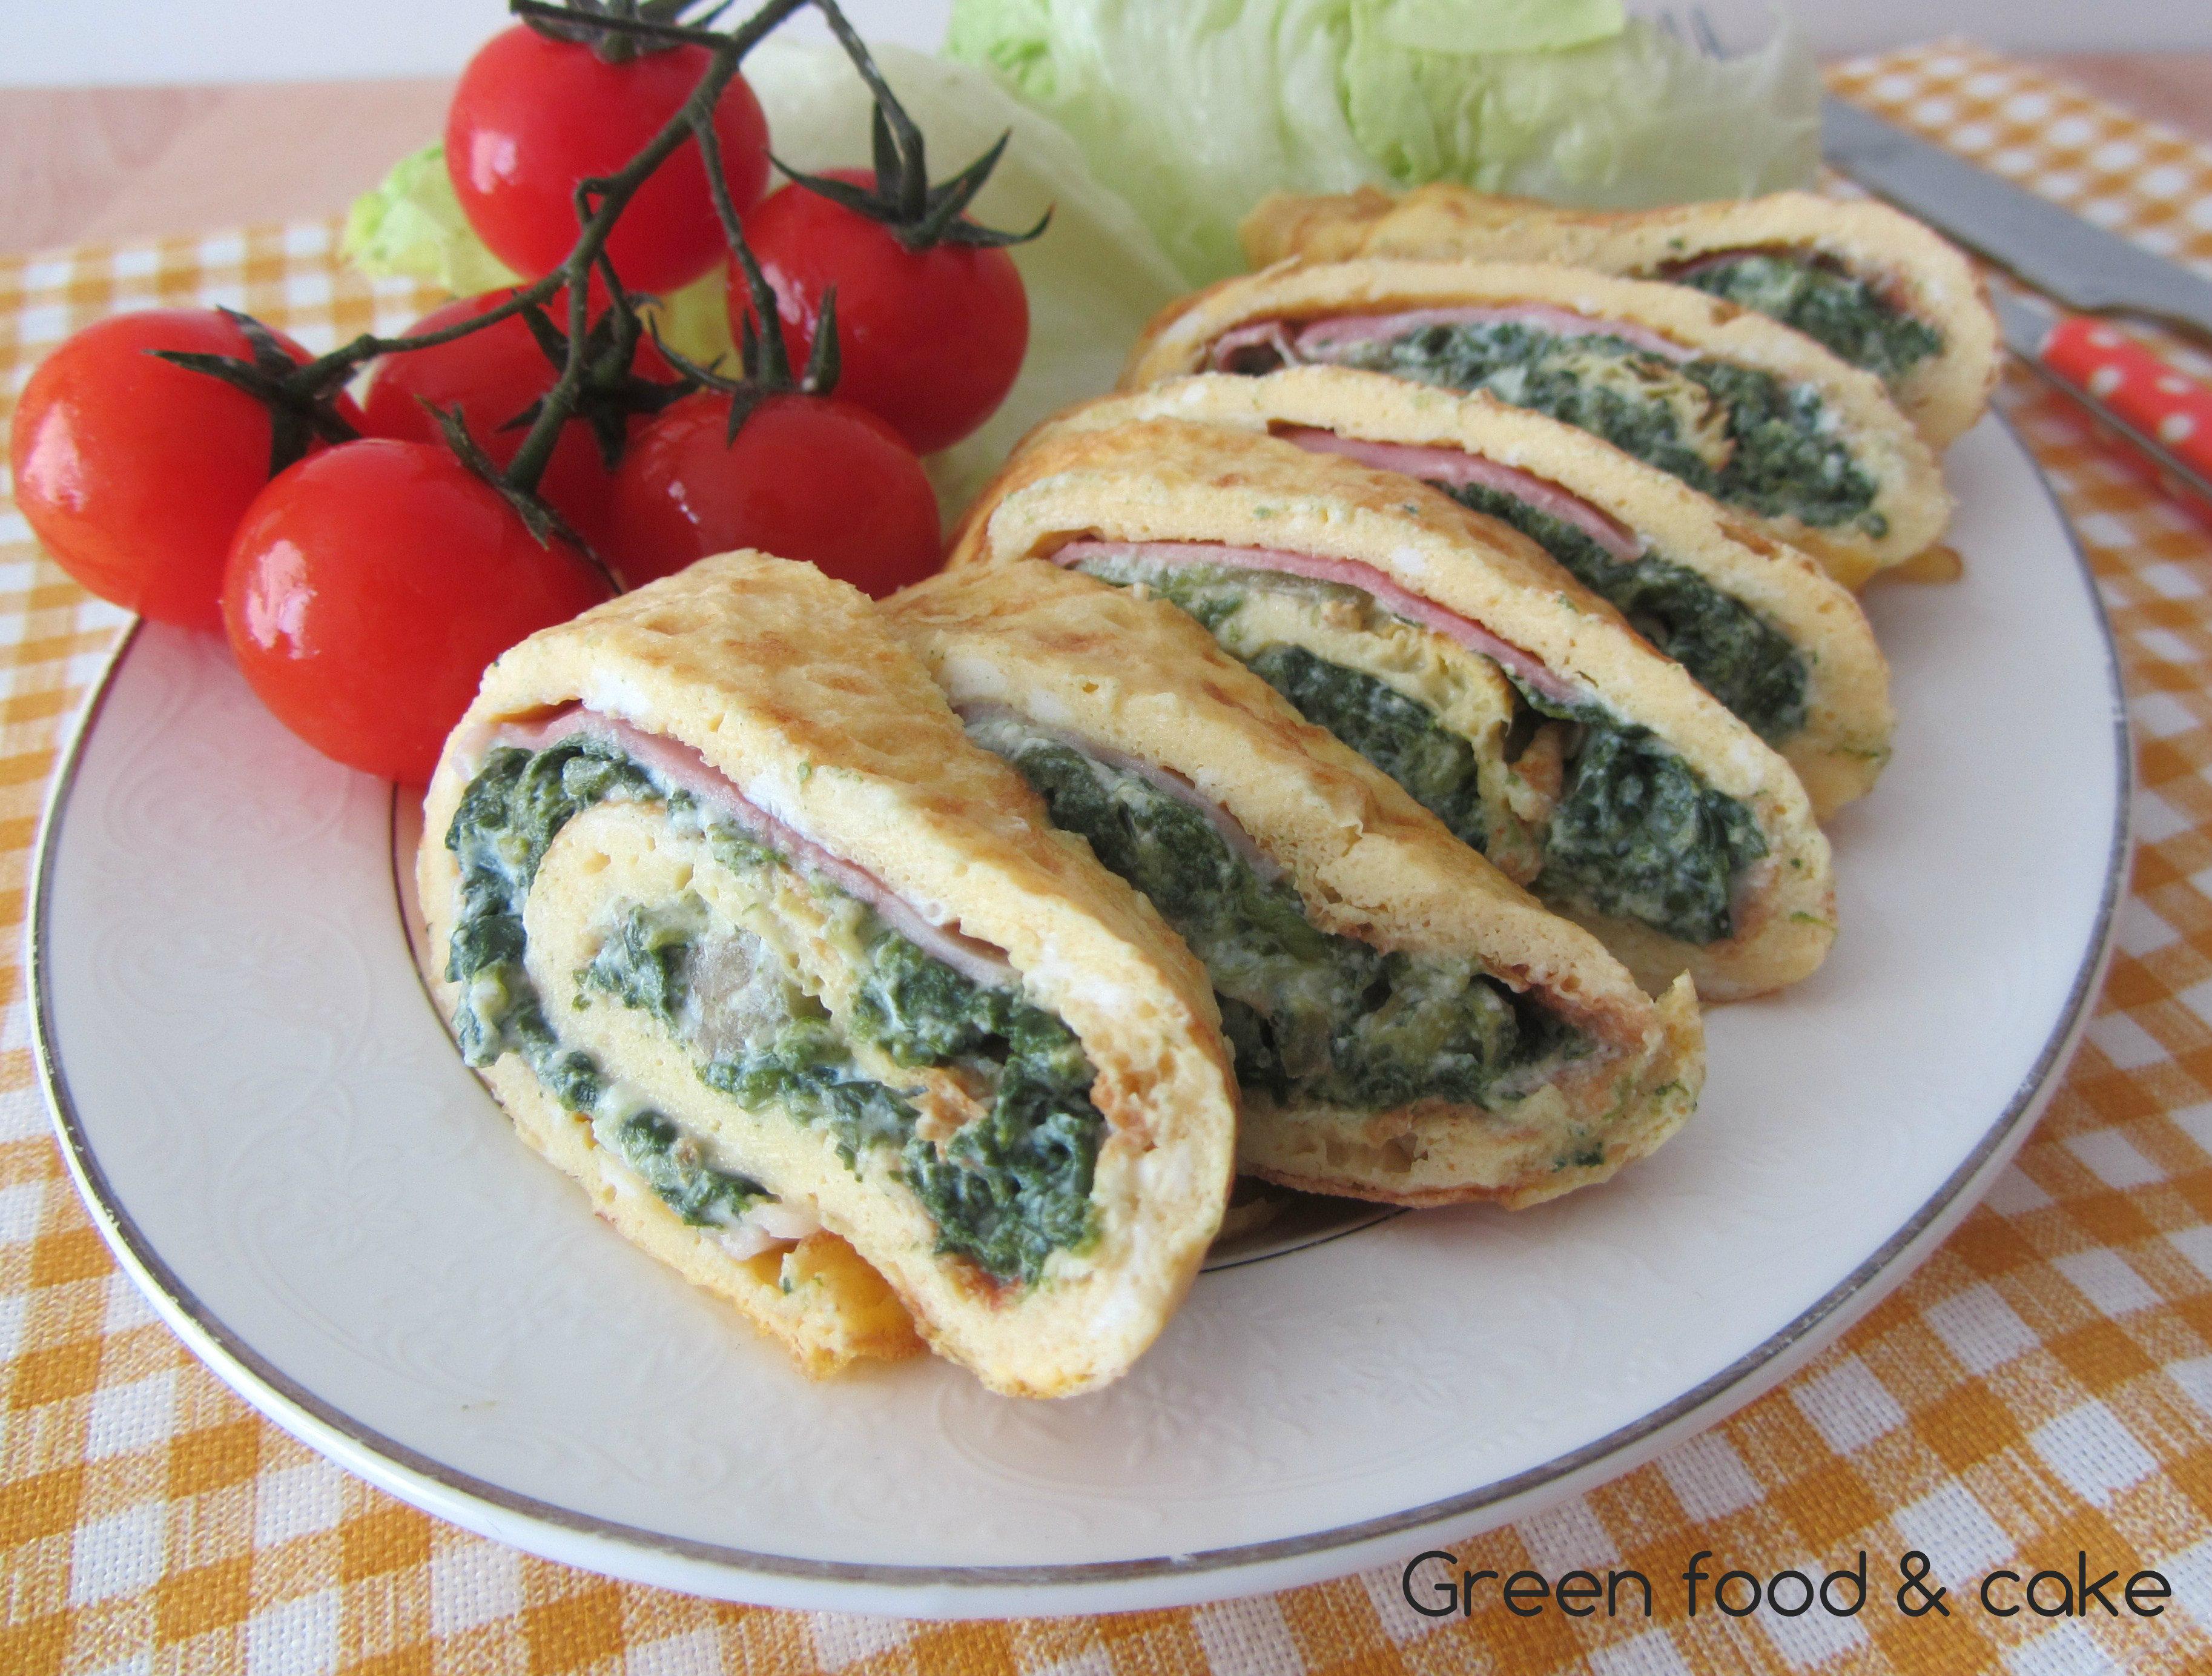 Ricetta Omelette Ricotta E Spinaci.Omelette Con Ricotta E Spinaci